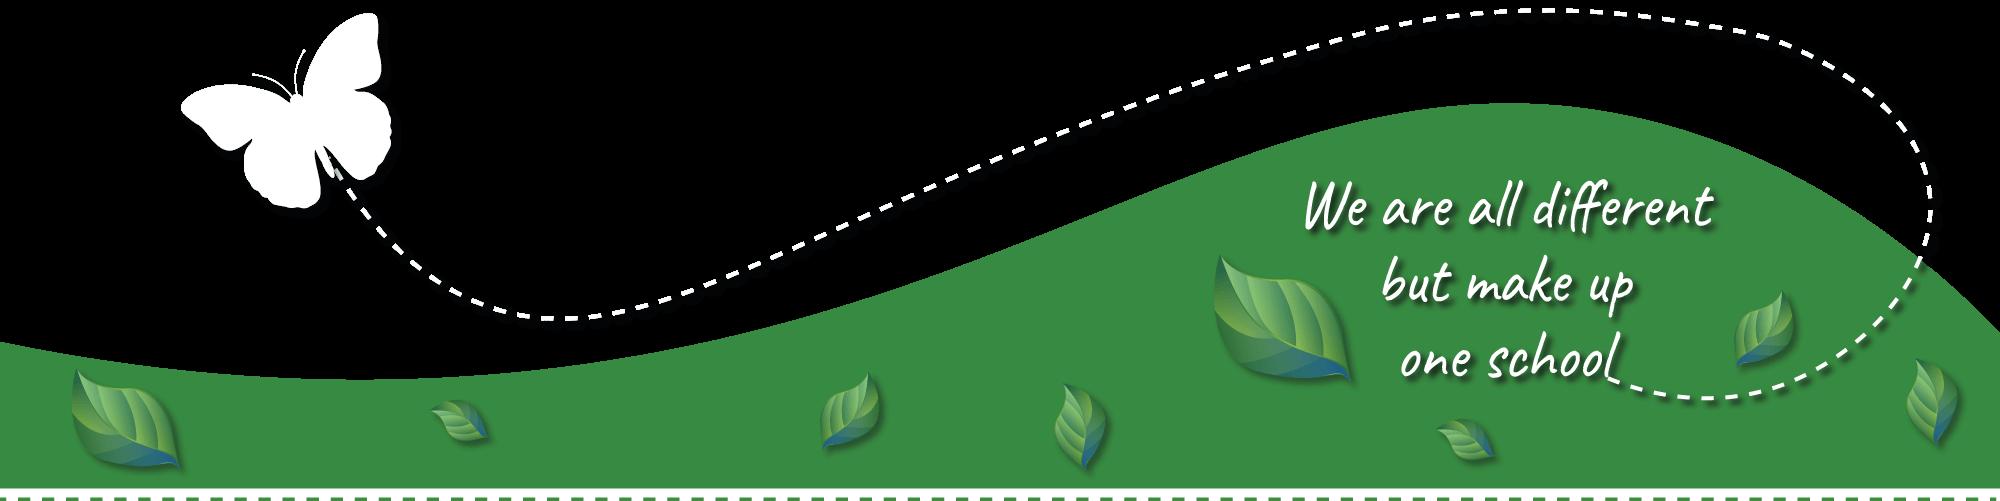 Header bottom graphic